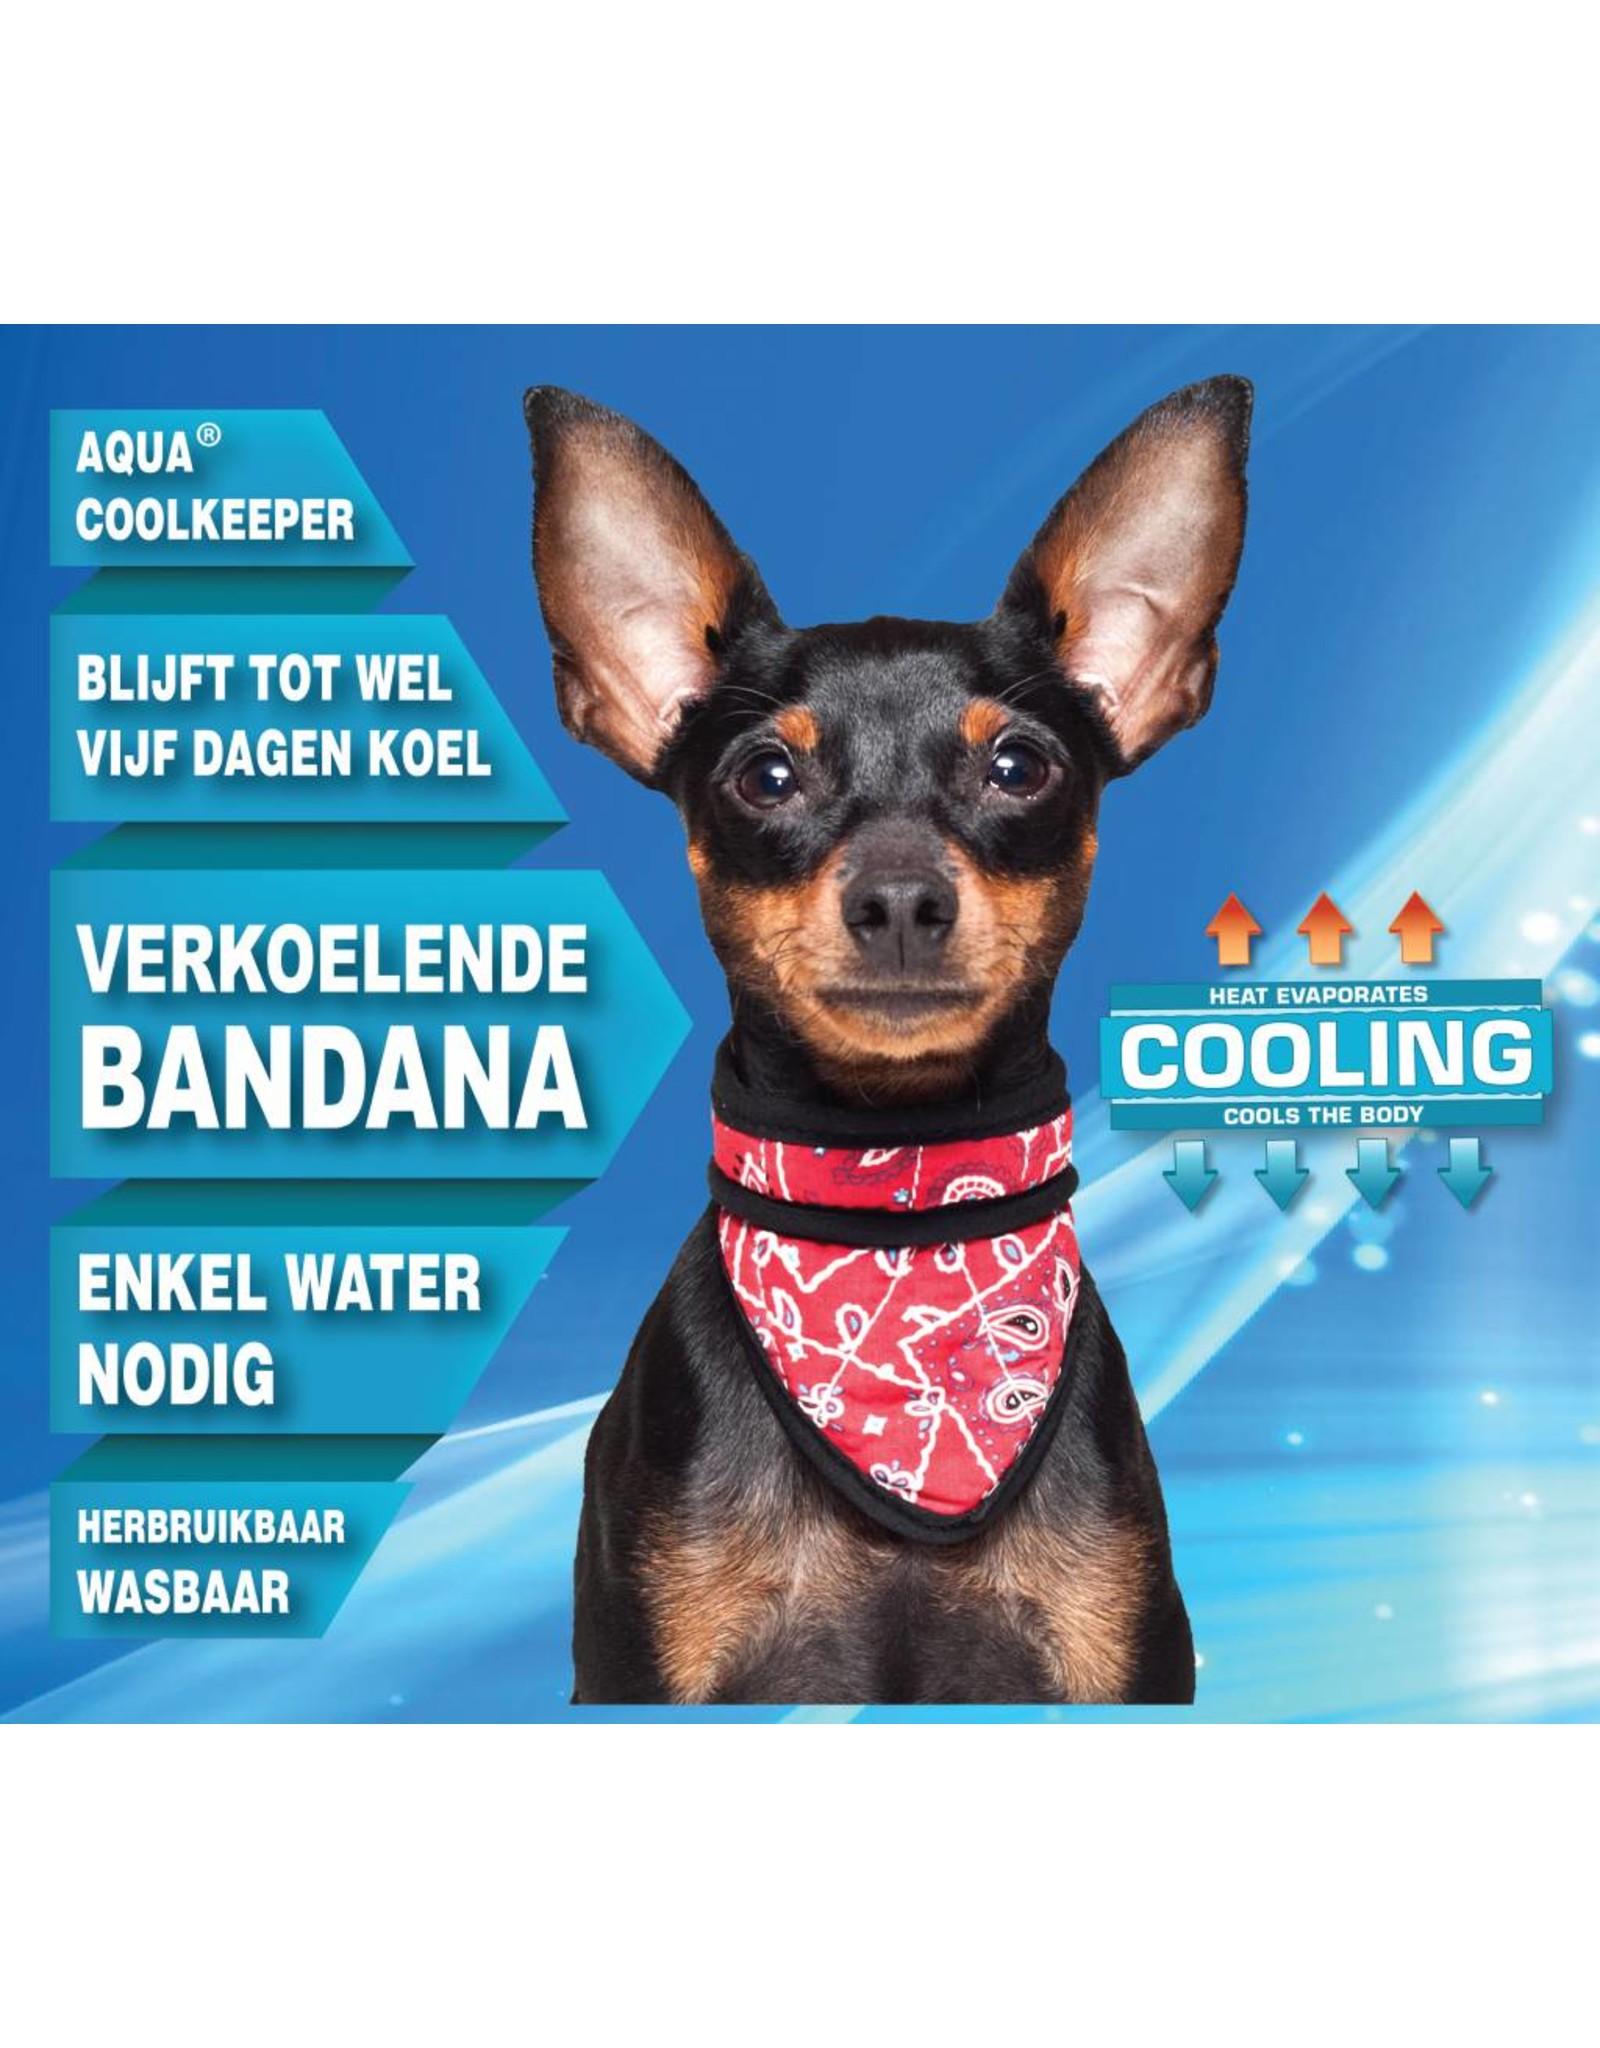 Doxtasy/Animal Gear Animal Gear Aqua Coolkeeper Bandana